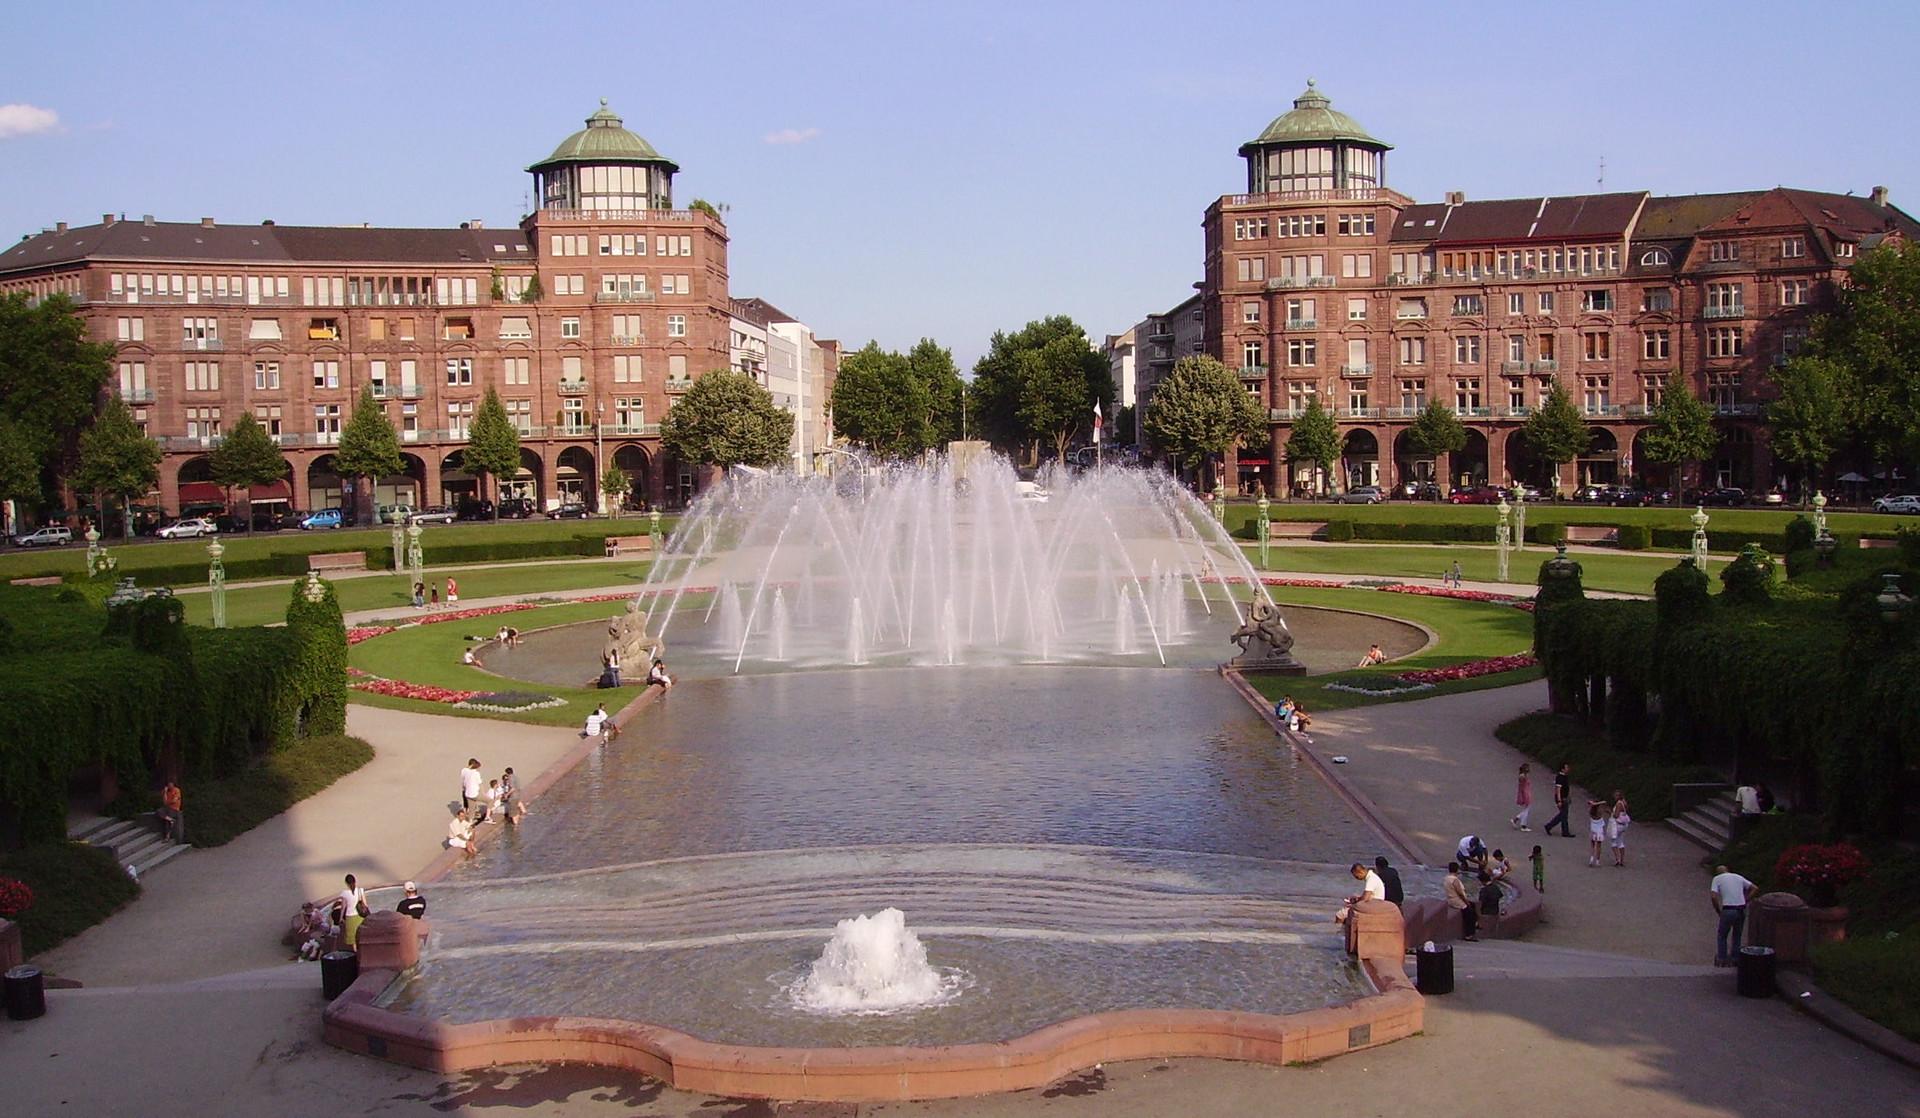 Berlin Mannheim